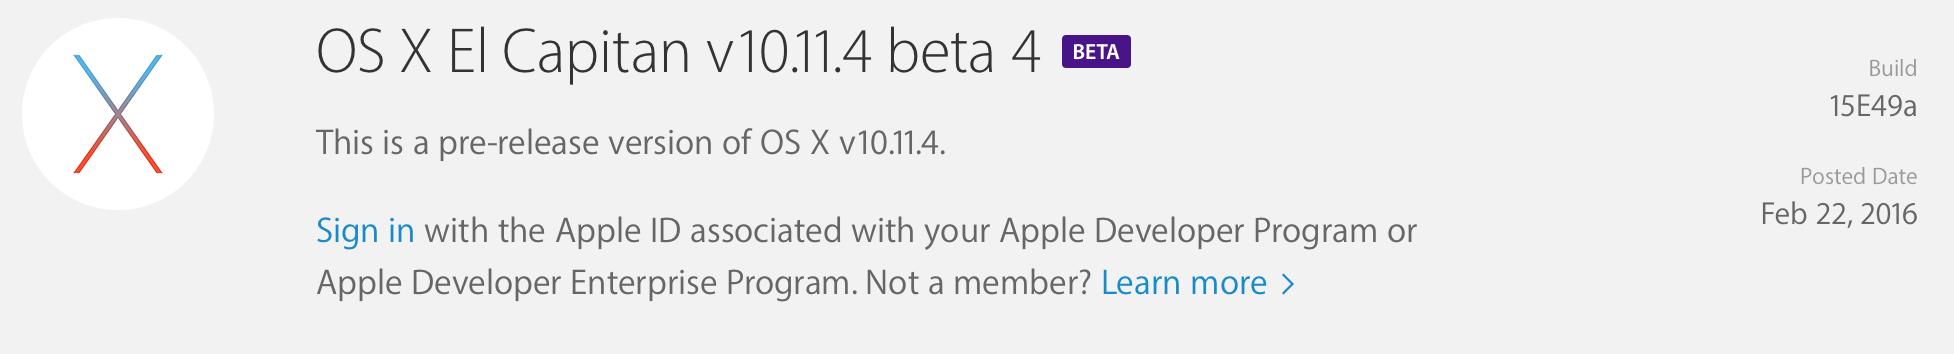 OS X Beta-Release-bildschirmfoto-2016-02-22-um-19.15.32.png